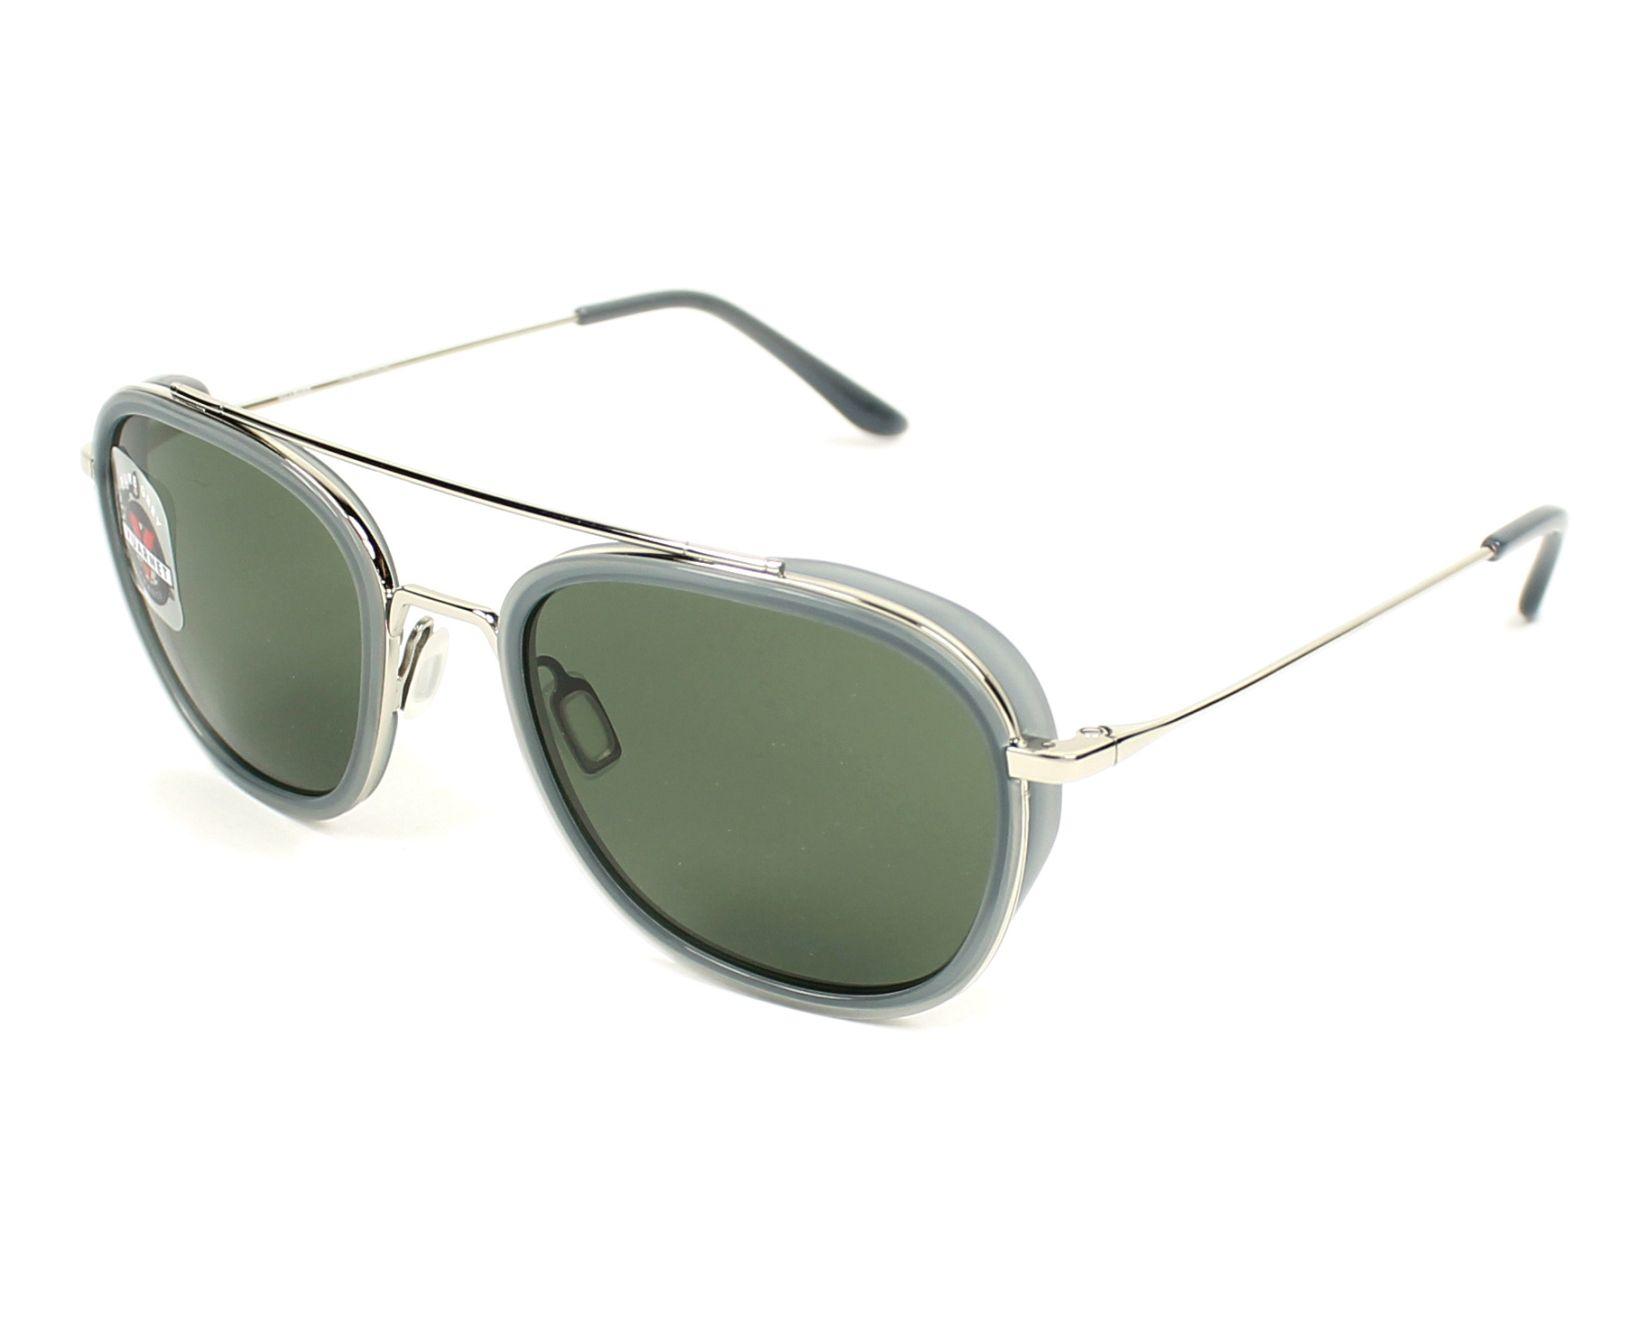 Sunglasses Vuarnet VL-1615 0003-1121 50-18 Silver Grey profile view 5b6cc0835e06